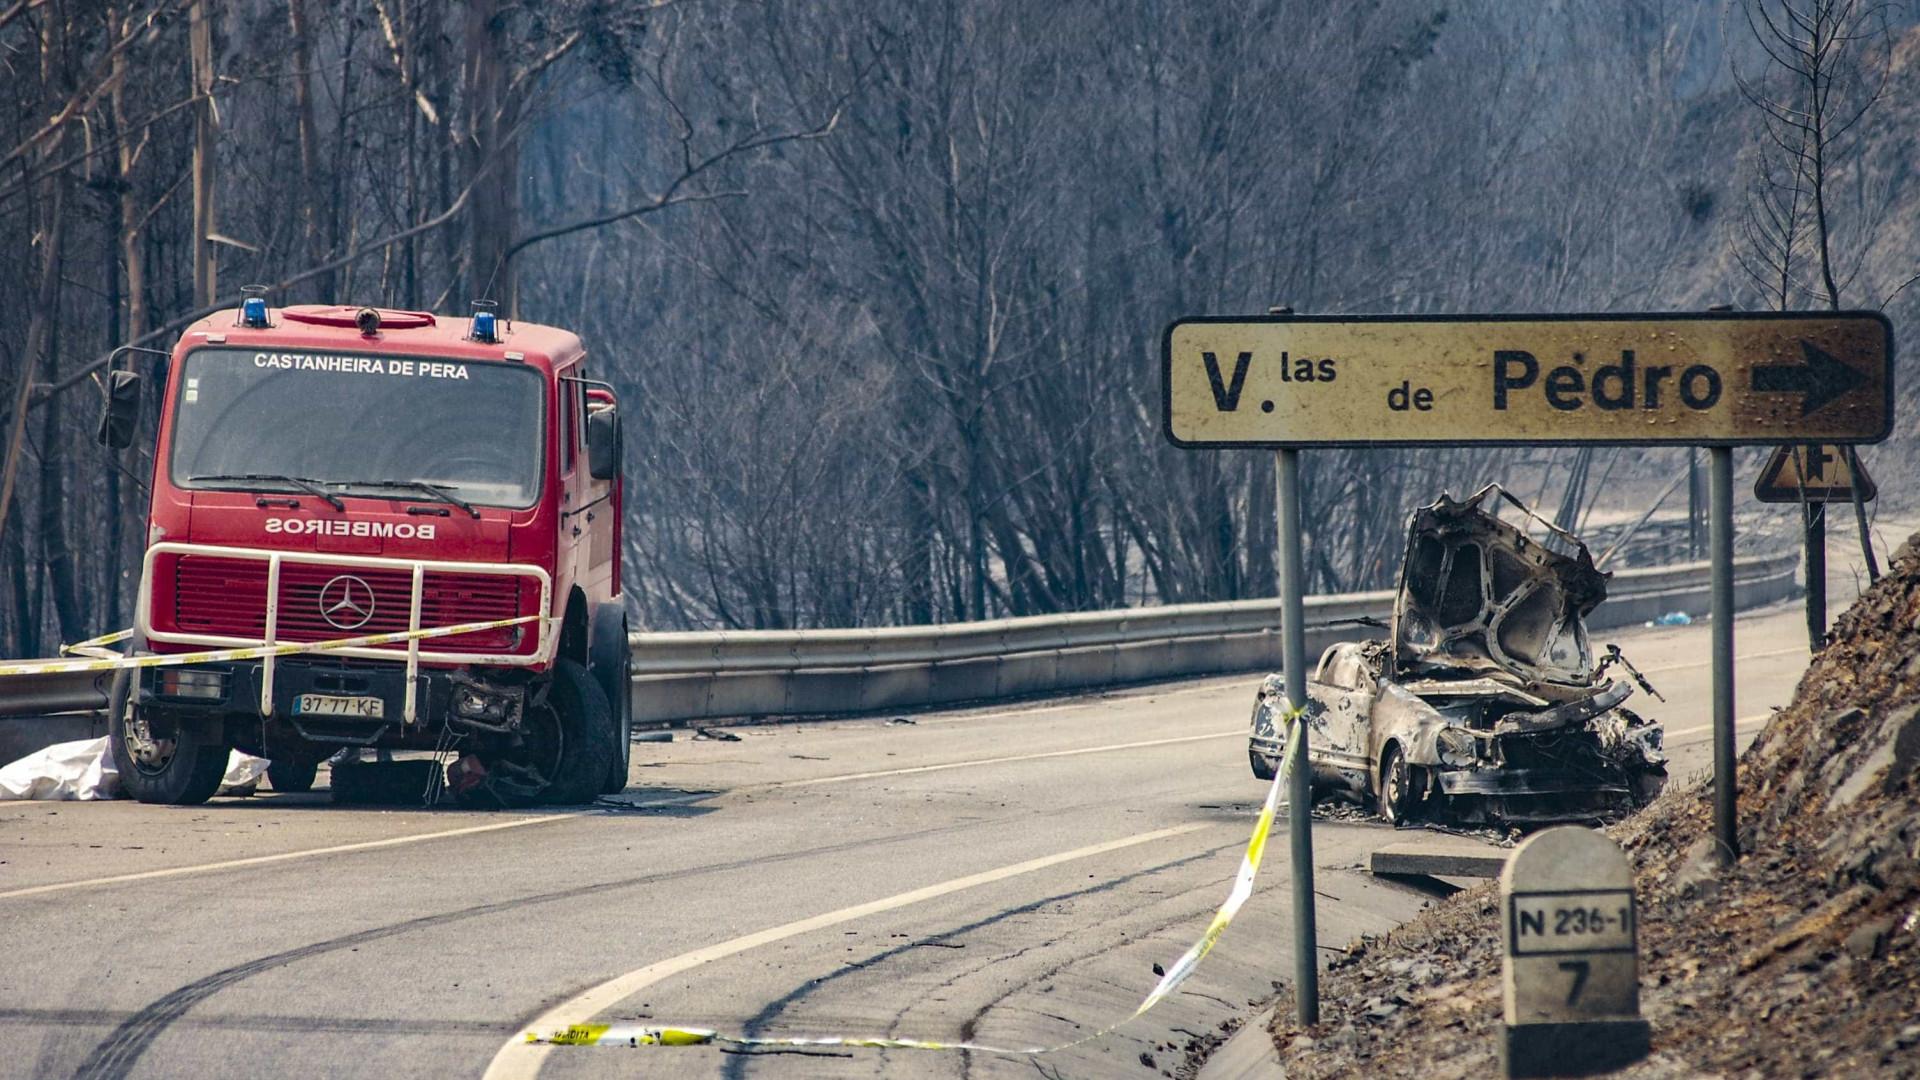 Plano Municipal de Emergência de Góis ativado devido ao incêndio